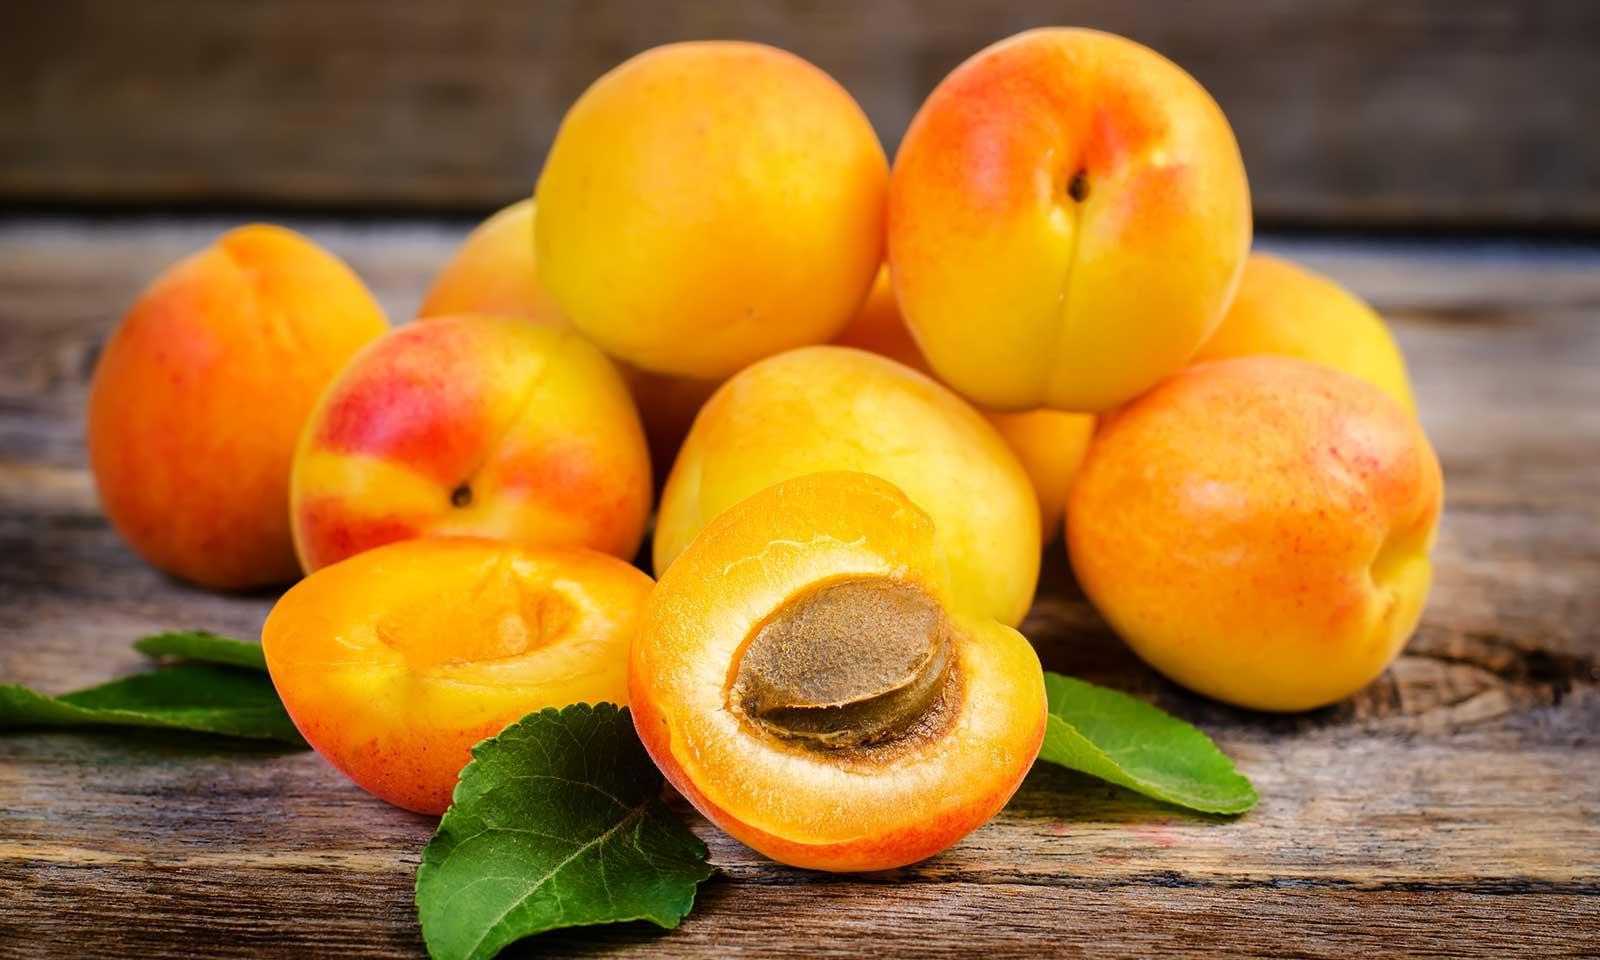 картинки абрикос и апельсина выдержаны фисташковых